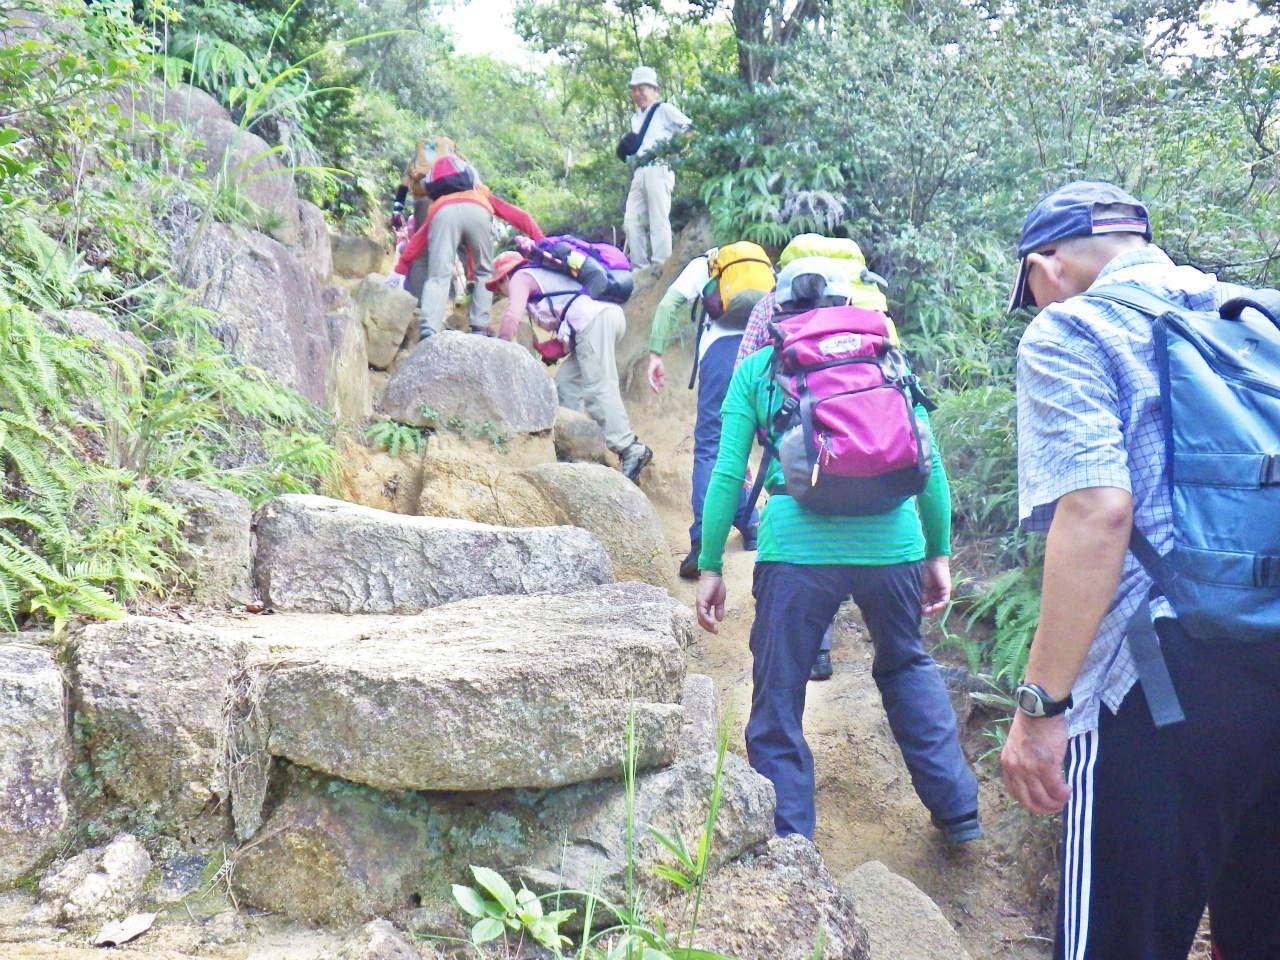 05a 北山公園の岩場を登る